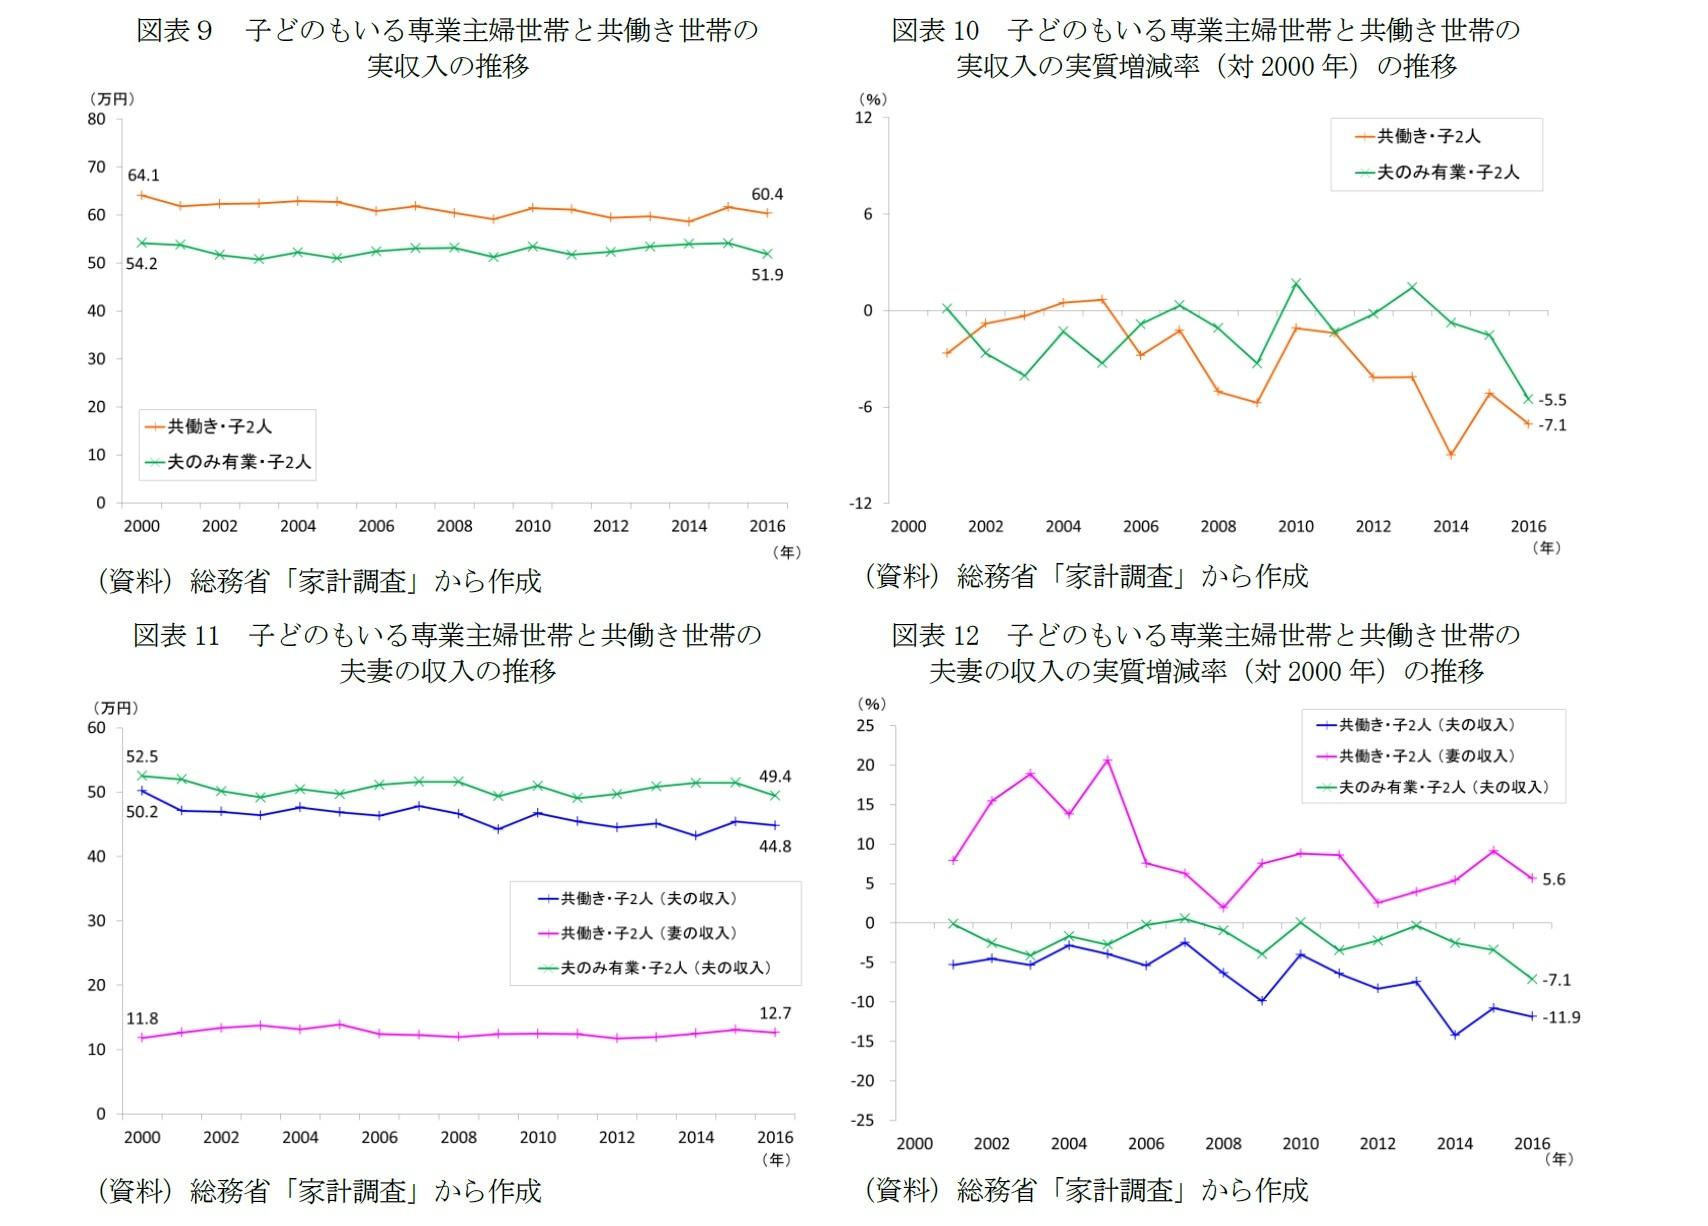 図表9 子どのもいる専業主婦世帯と共働き世帯の実収入の推移/図表10 子どのもいる専業主婦世帯と共働き世帯の実収入の実質増減率(対2000年)の推移/図表11 子どのもいる専業主婦世帯と共働き世帯の夫妻の収入の推移/図表12 子どのもいる専業主婦世帯と共働き世帯の夫妻の収入の実質増減率(対2000年)の推移